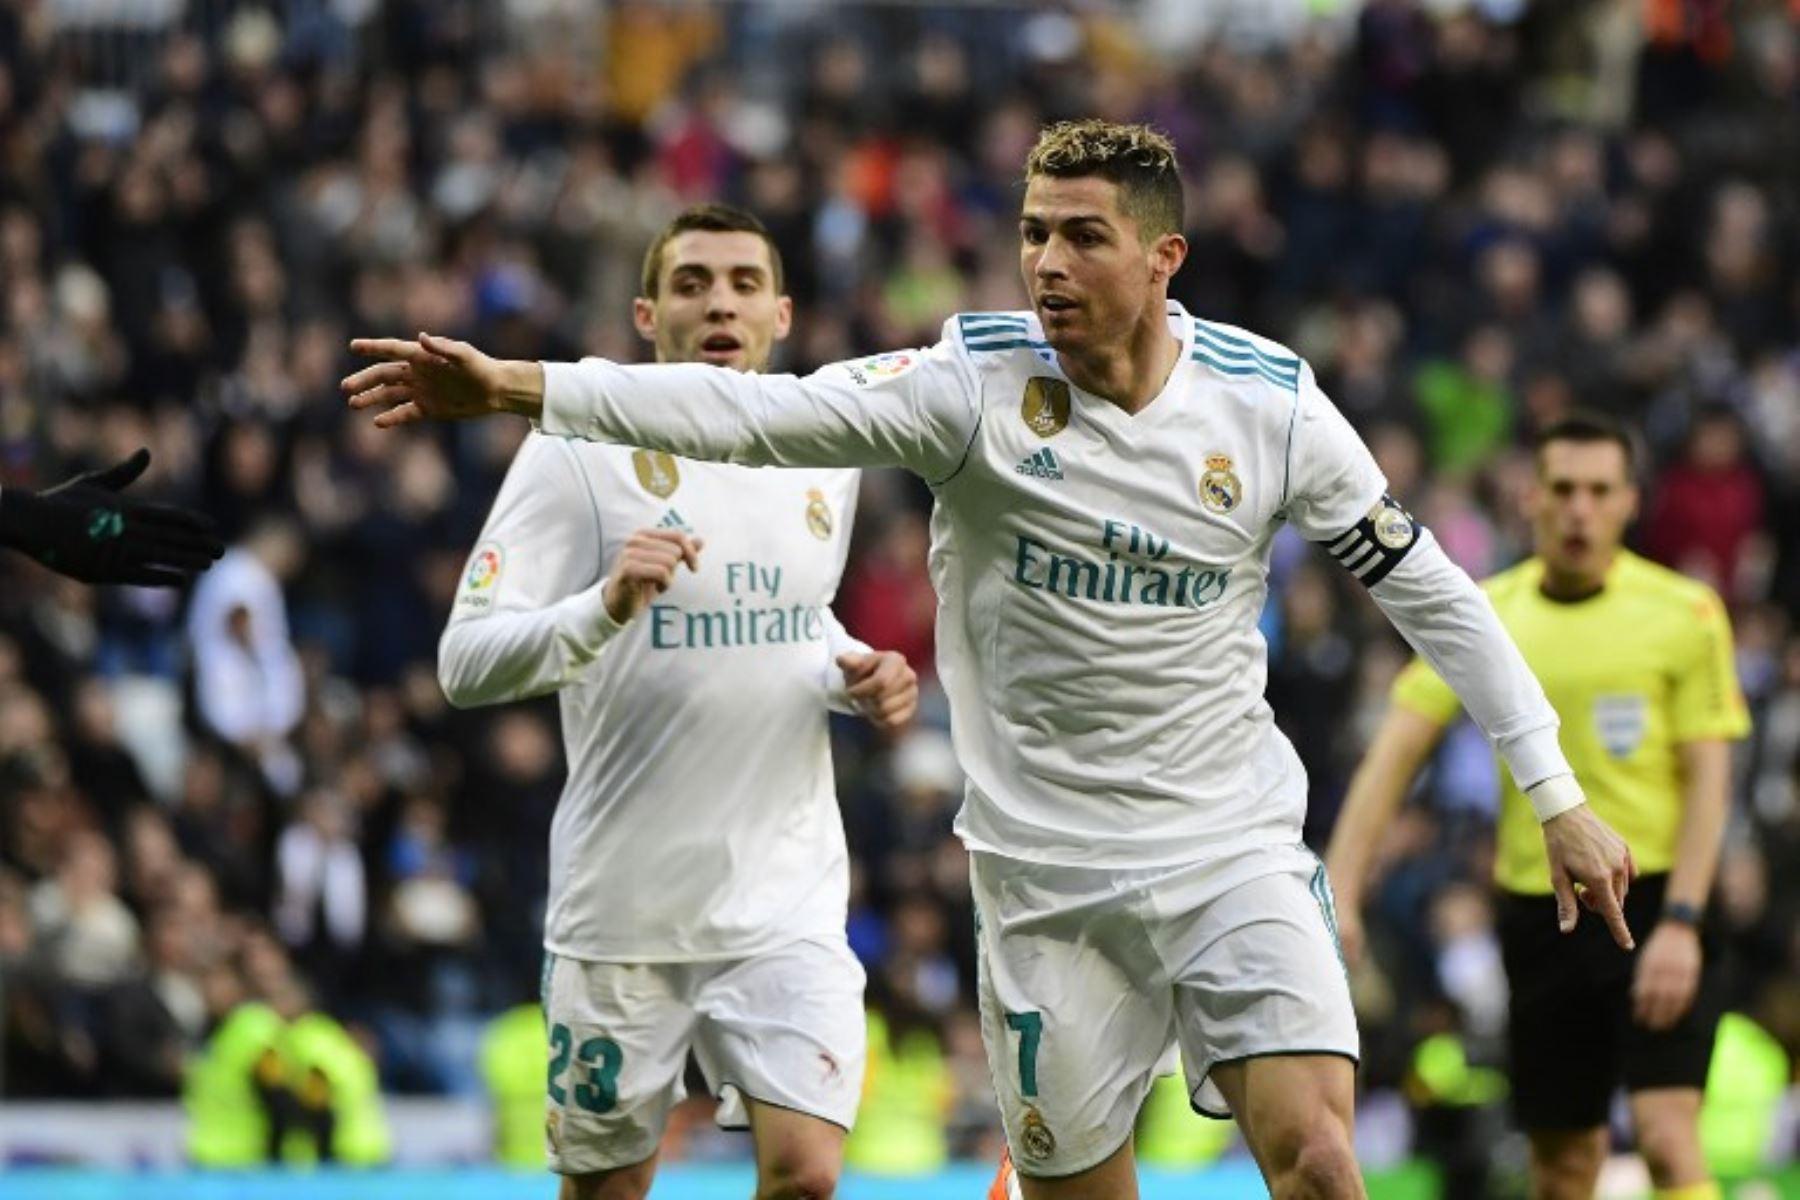 Cristiano Ronaldo celebra después de marcar durante el partido de la liga española de fútbol entre el Real Madrid CF y el Deportivo Alavés en el estadio Santiago Bernabéu de Madrid.Foto:AFP